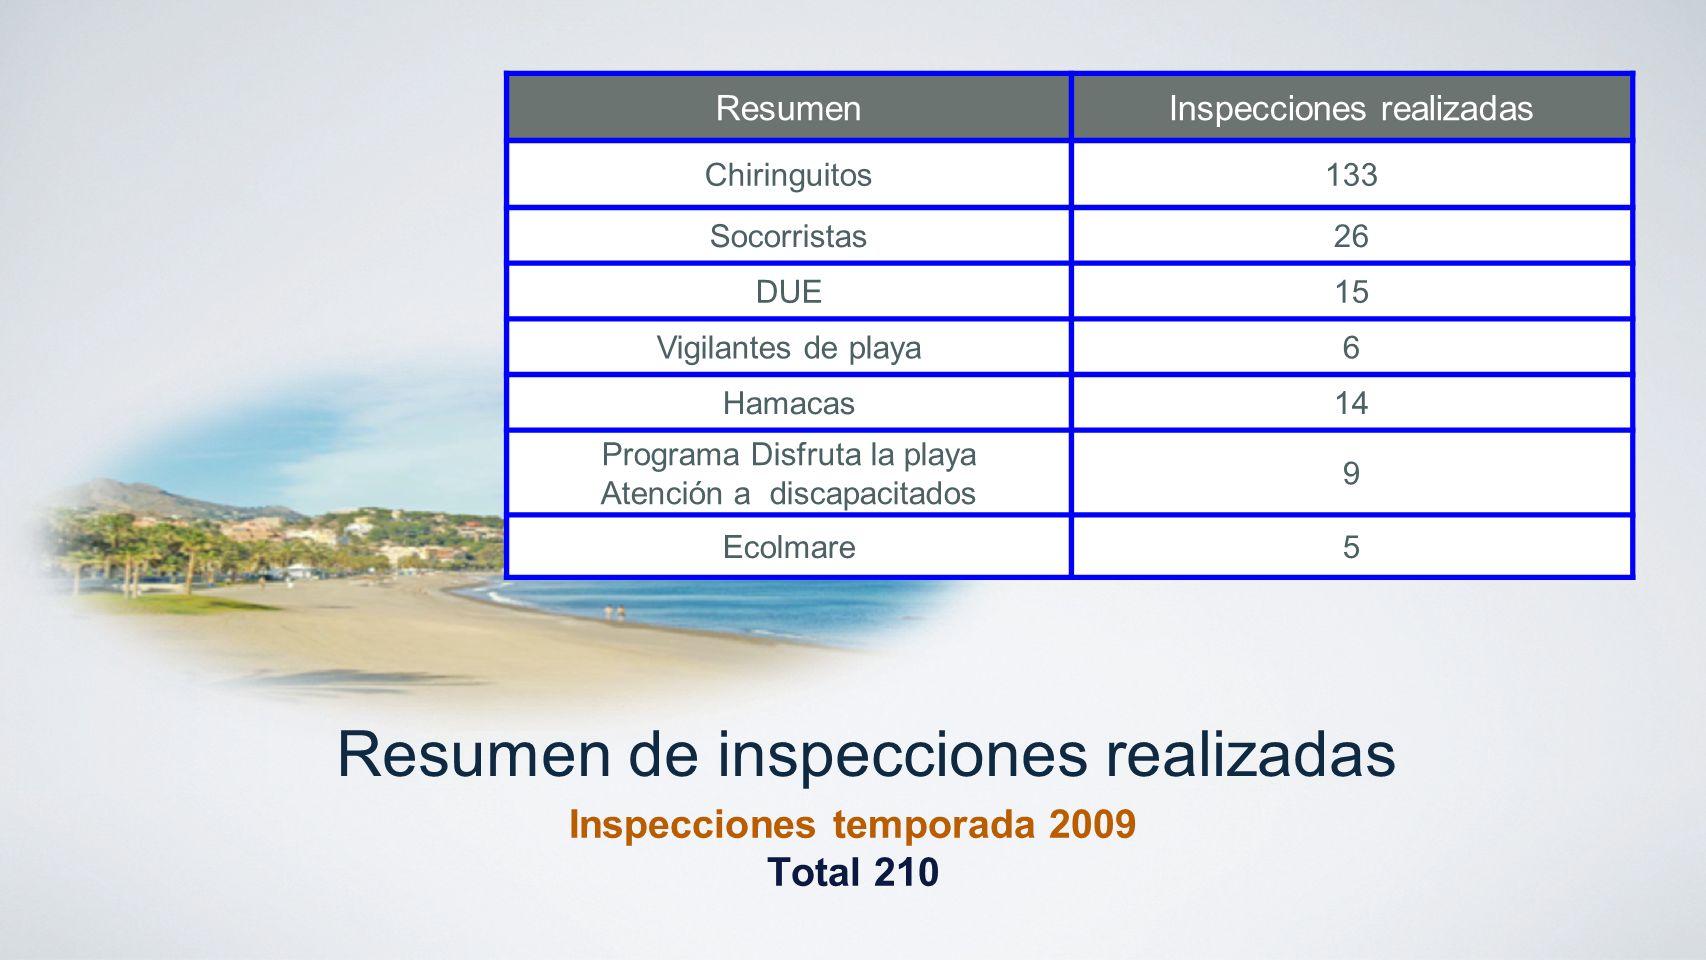 Resumen de inspecciones realizadas Inspecciones temporada 2009 Total 210 ResumenInspecciones realizadas Chiringuitos133 Socorristas26 DUE15 Vigilantes